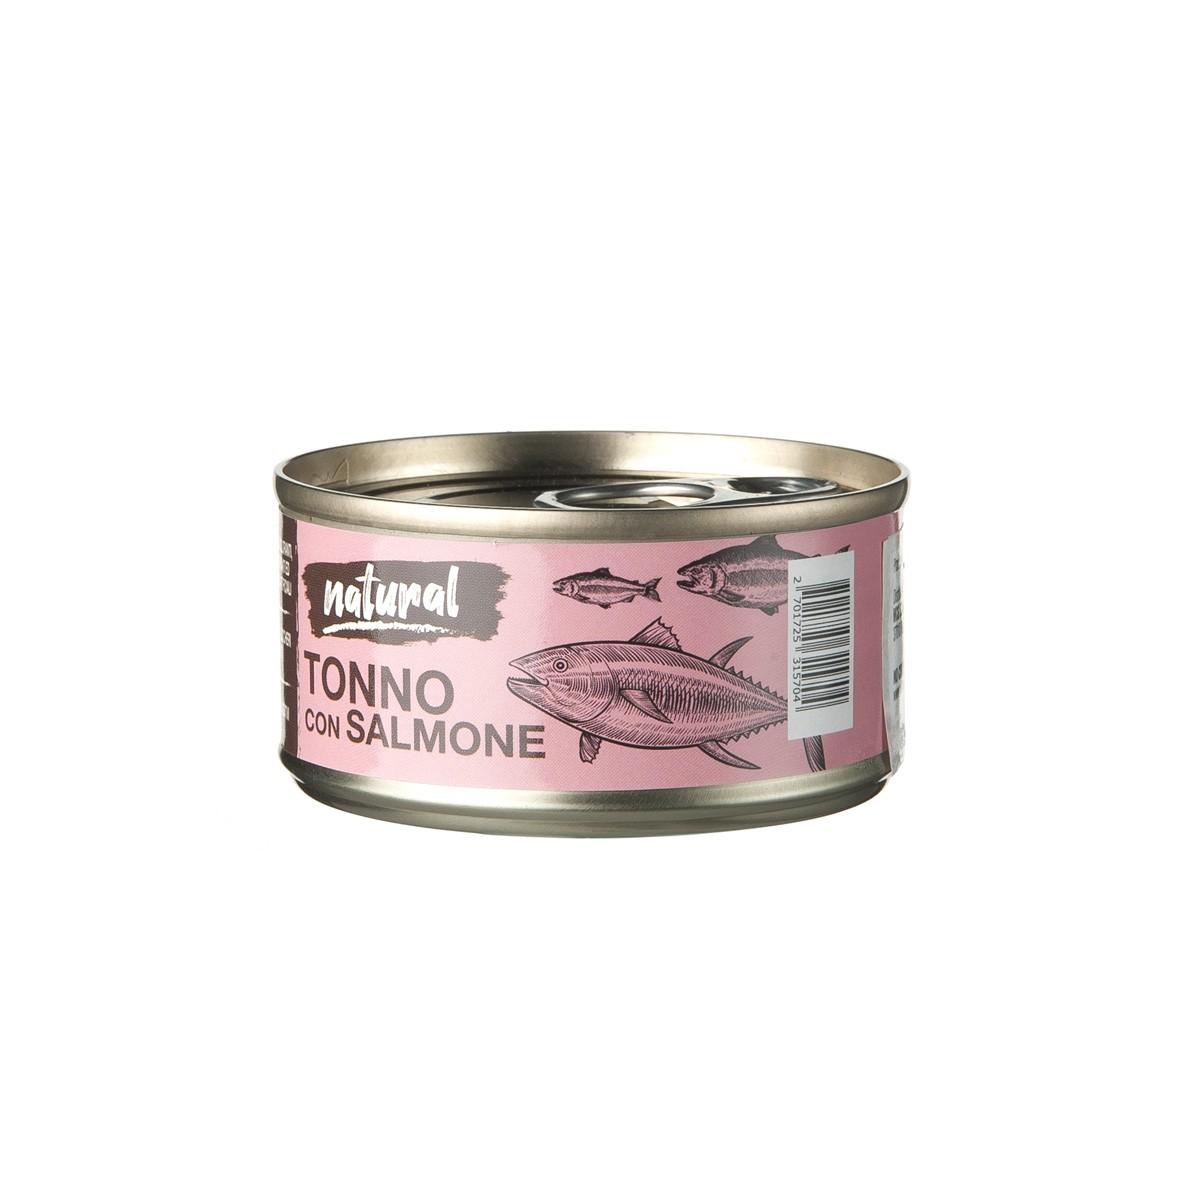 Nutrimi Natural Al Tonno Con Salmone